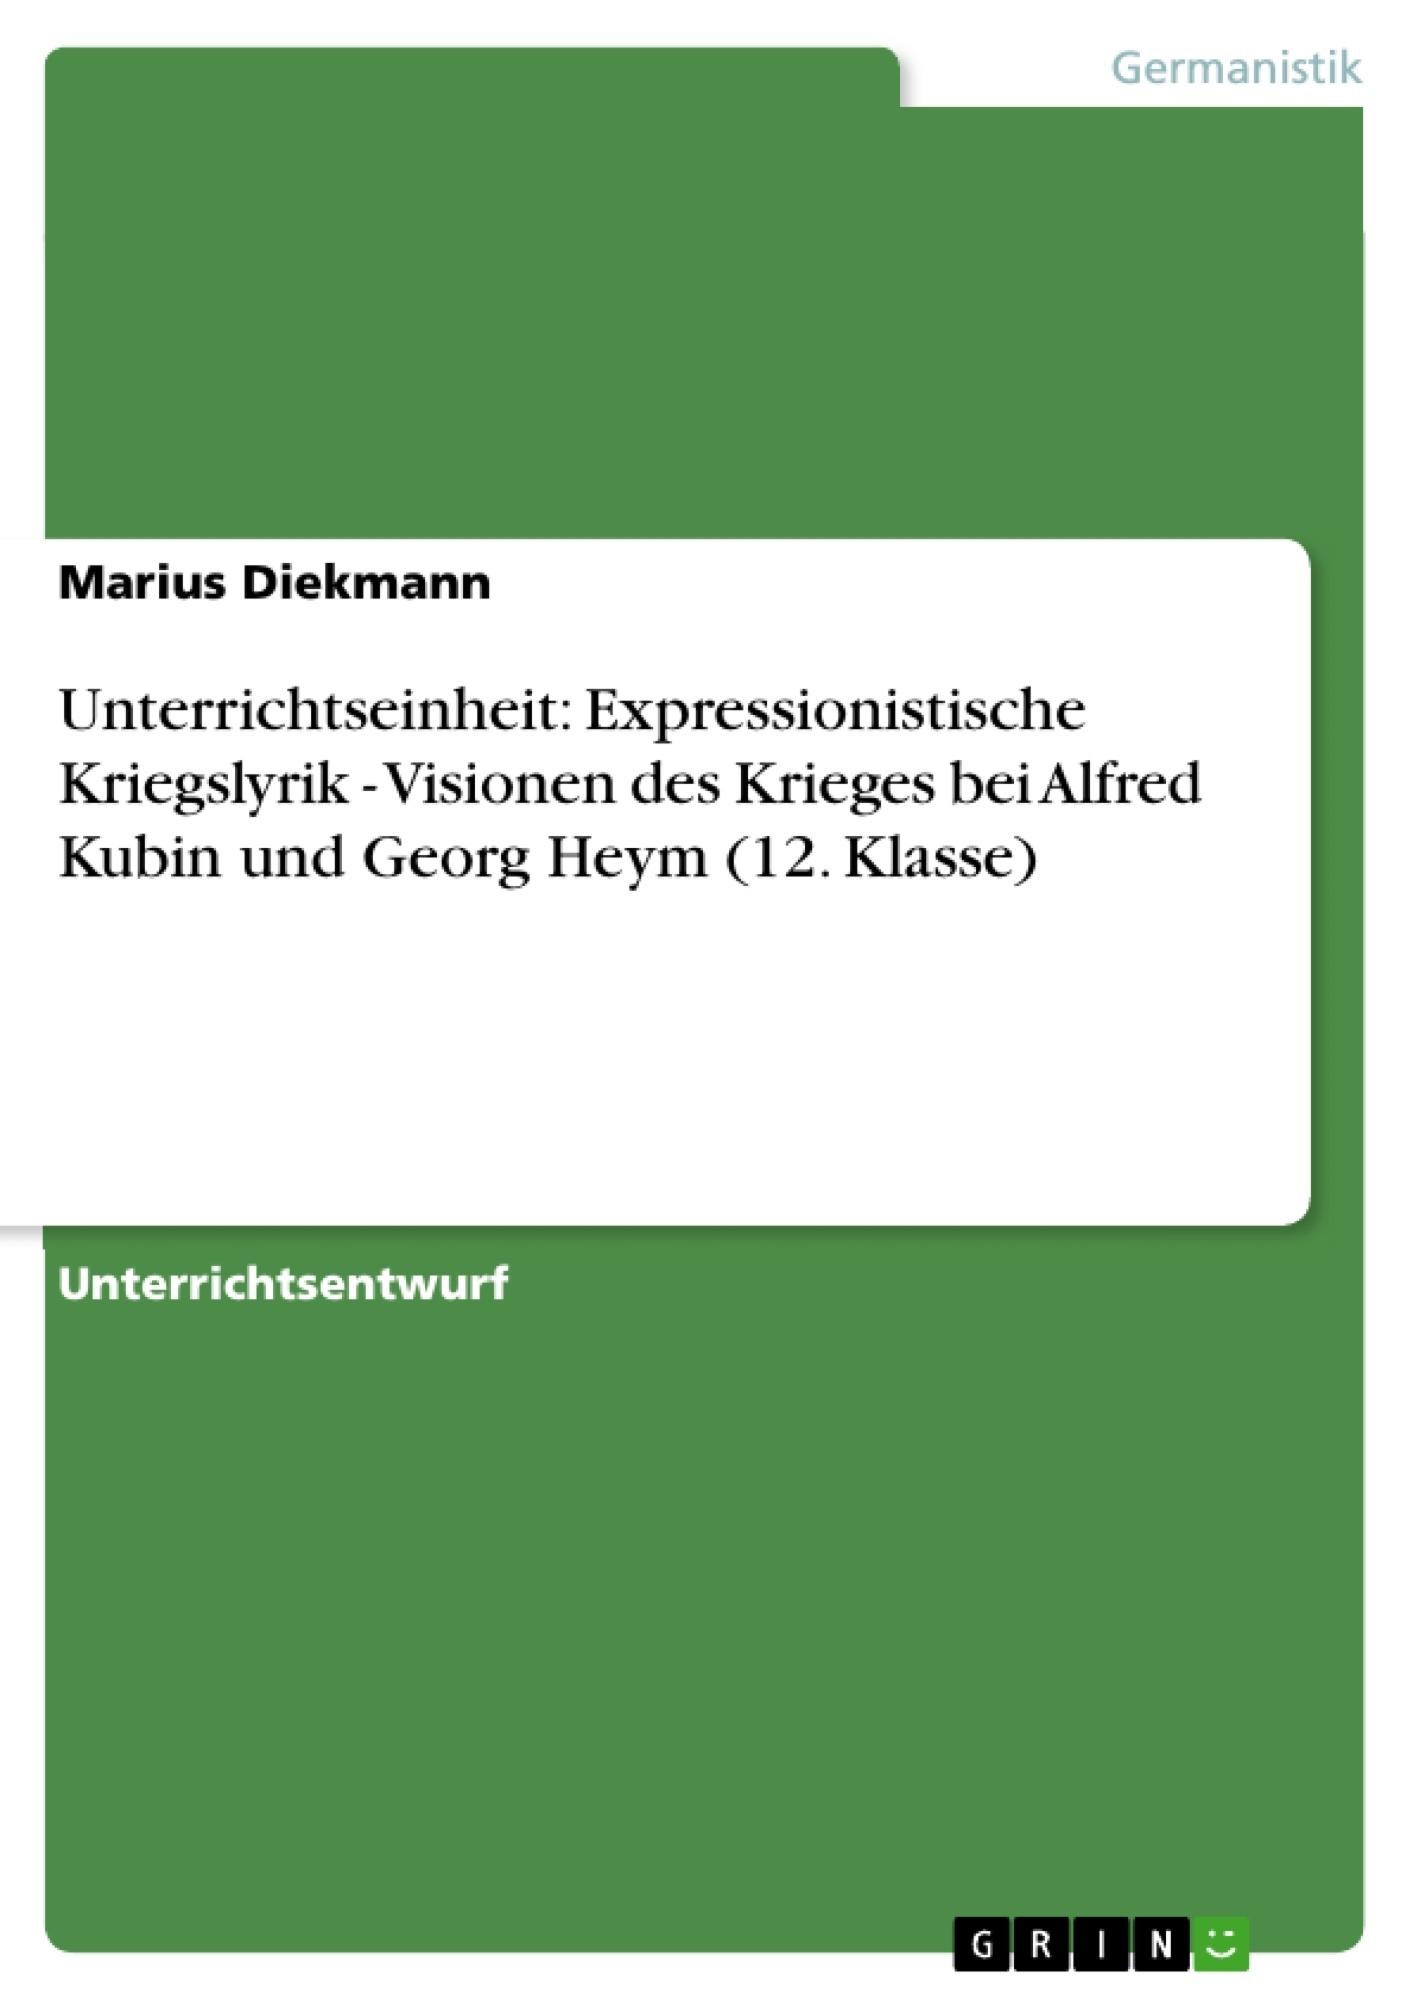 Titel: Unterrichtseinheit: Expressionistische Kriegslyrik - Visionen des Krieges bei Alfred Kubin und Georg Heym (12. Klasse)